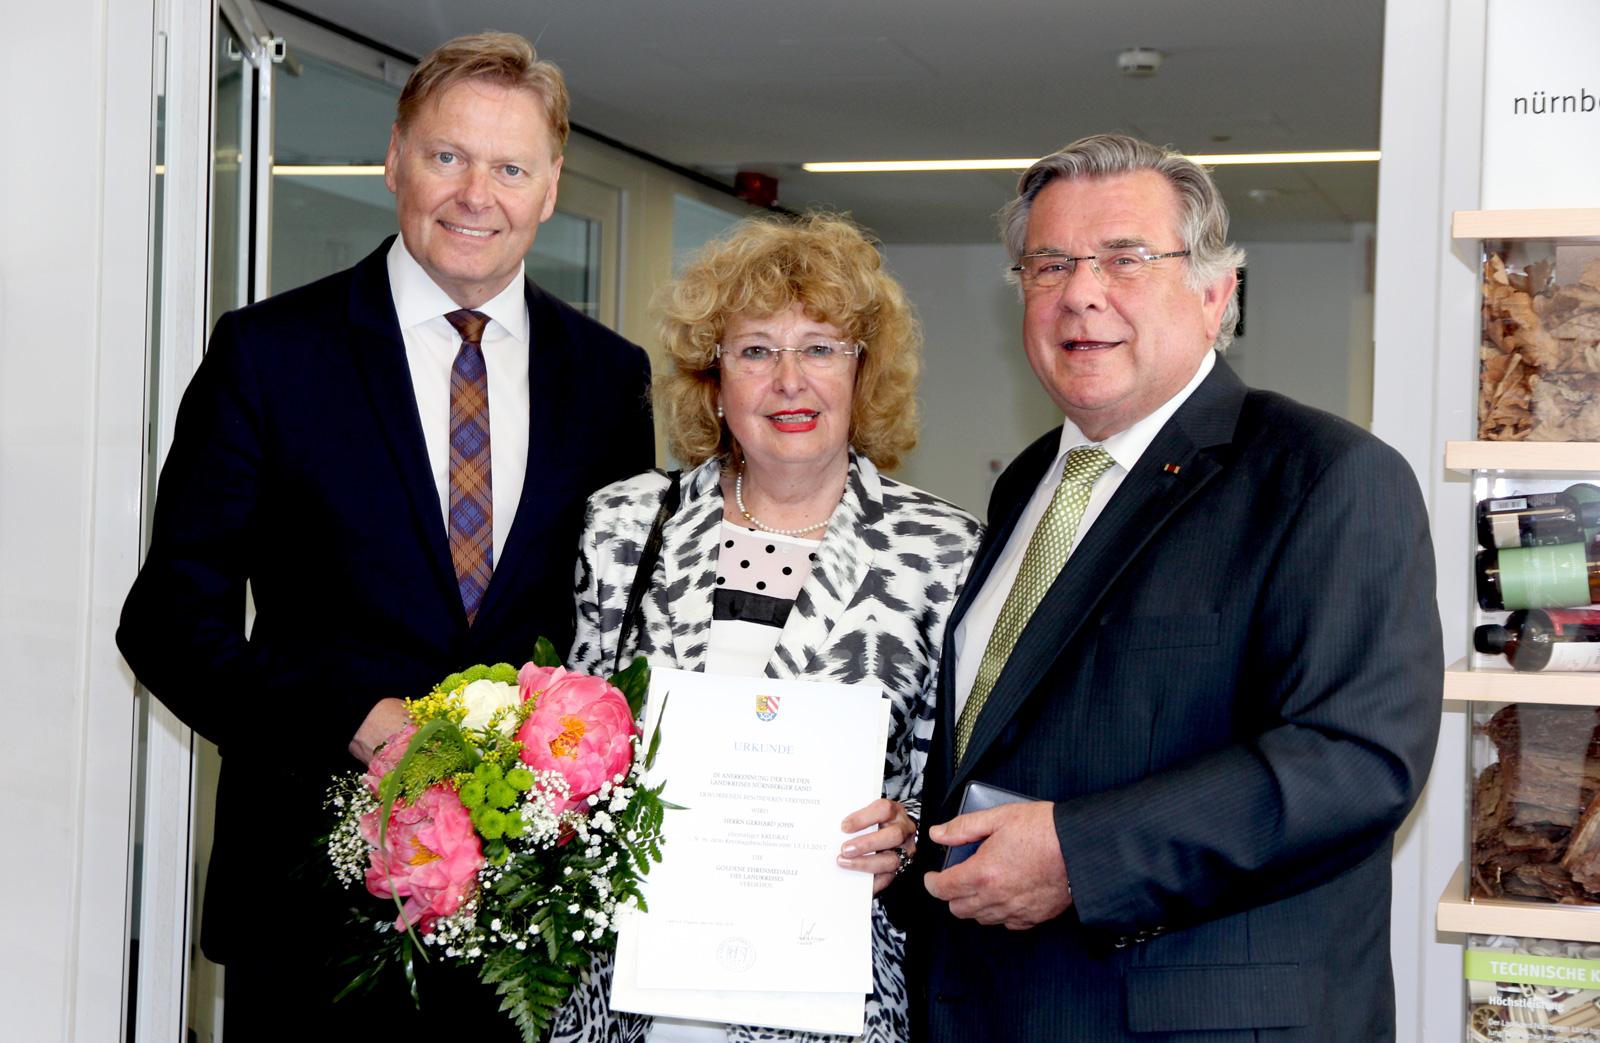 Dank und Lob zollte Geschäftsführer Norbert Dünkel (links) dem Geehrten und dessen Ehefrau Inge.